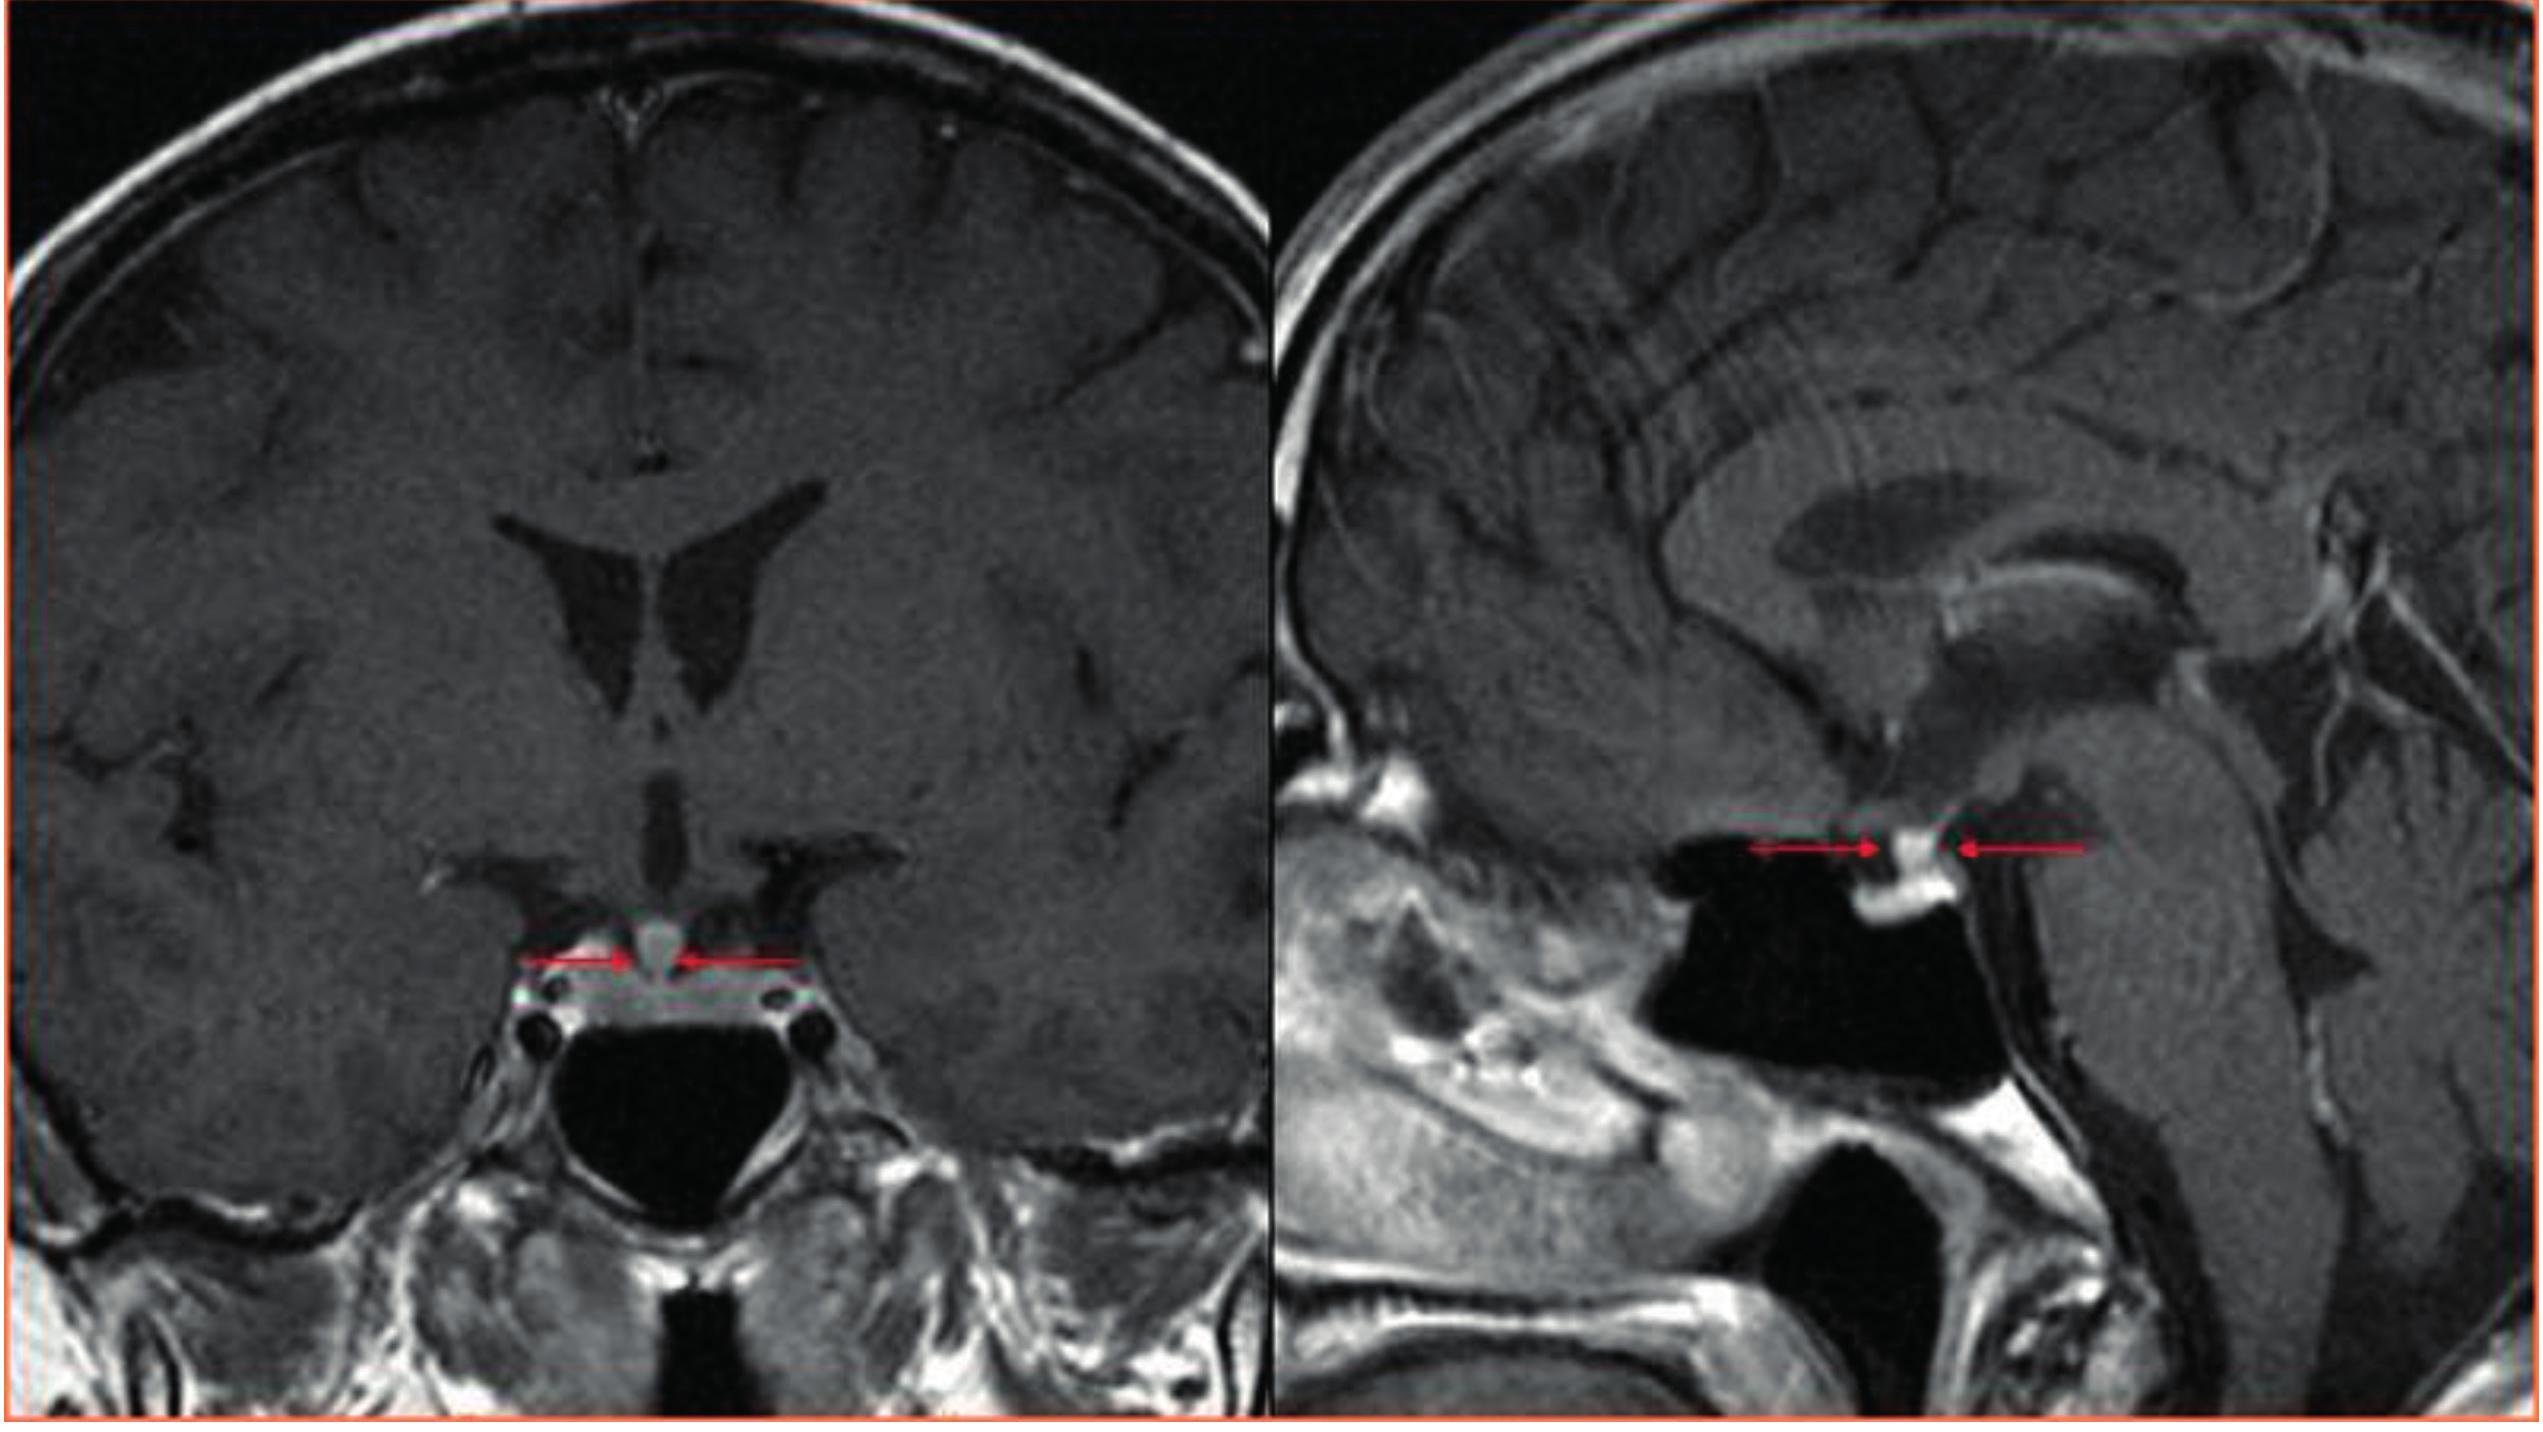 CT zobrazení mozku<br> Šipky ukazují zesílení stopky hypofýzy u pacienta s Erdheimovou-Chesterovou nemocí, tedy stejné postižení k jakému dochází u pacientů s histiocytózou z Langerhansových buněk. Tato infiltrace má za následek diabetes insipidus.